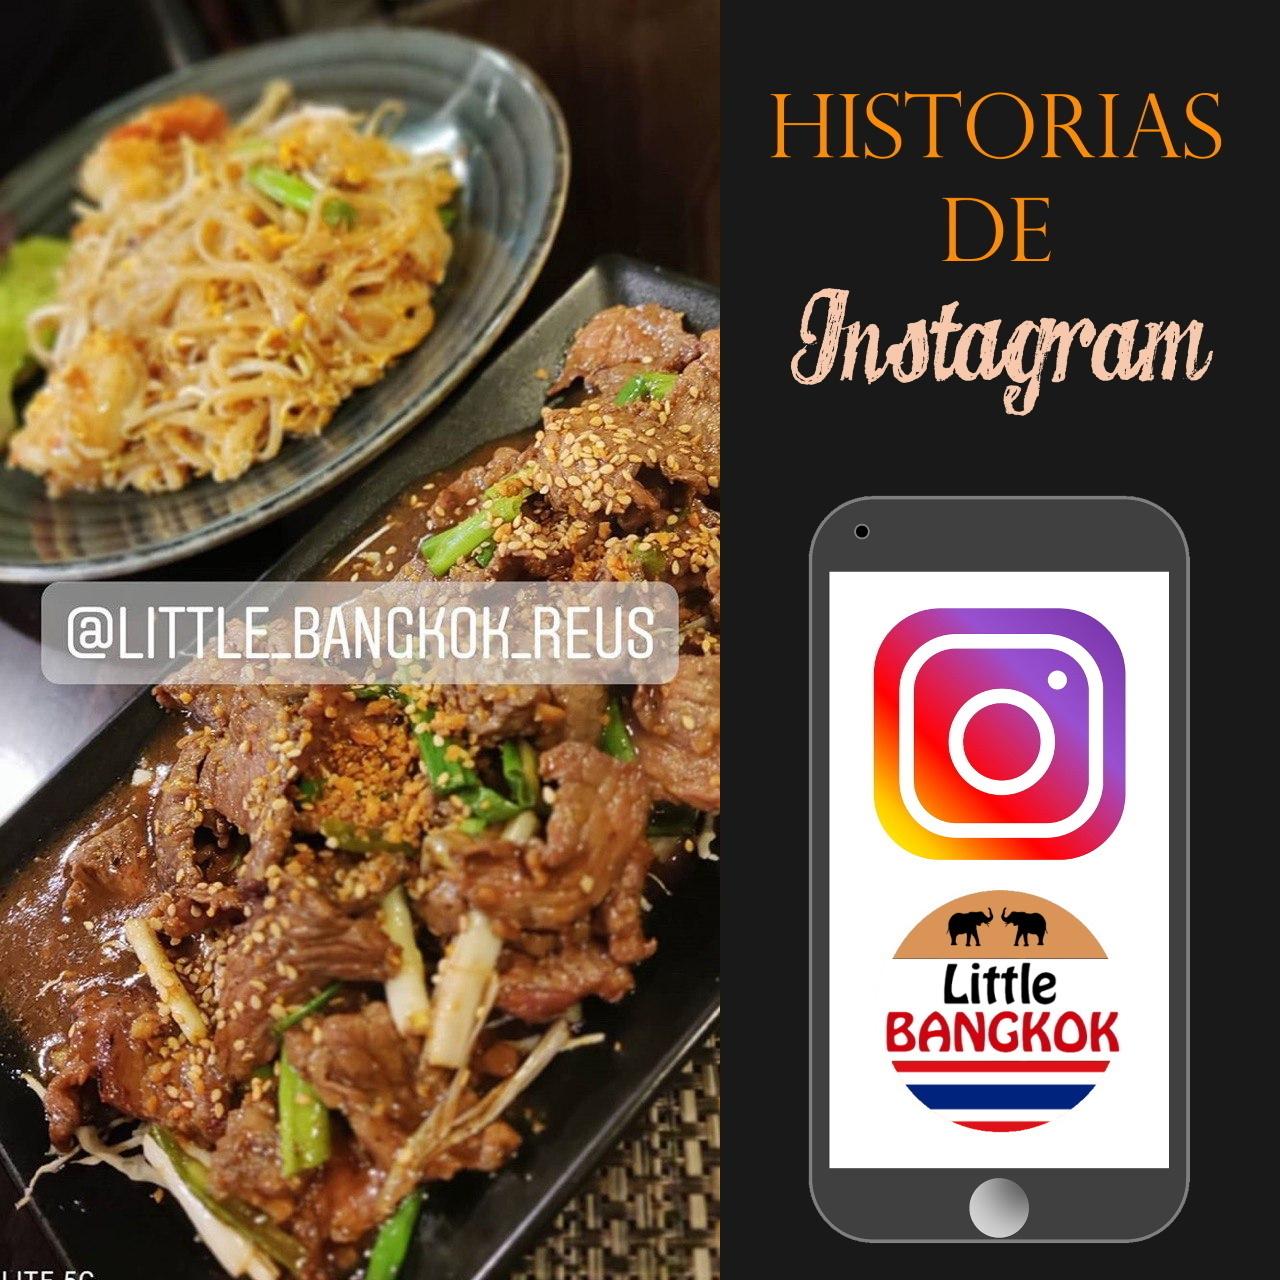 Historias de Instagram - Setembre Semana 2c